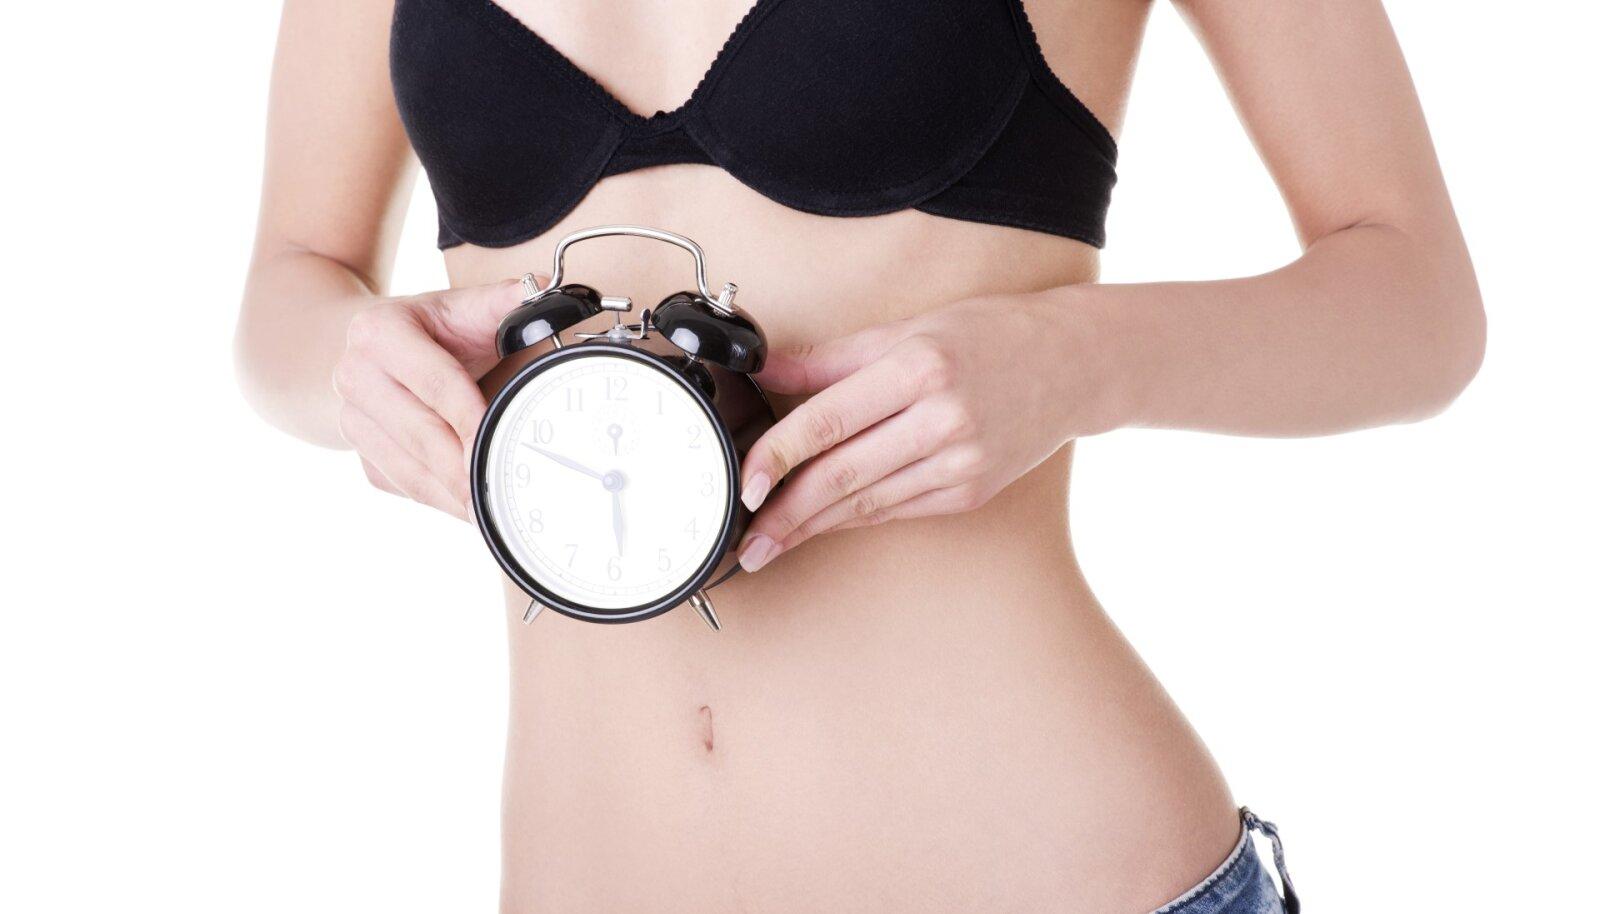 kuidas hoida oma keha rasva poletusreziimis